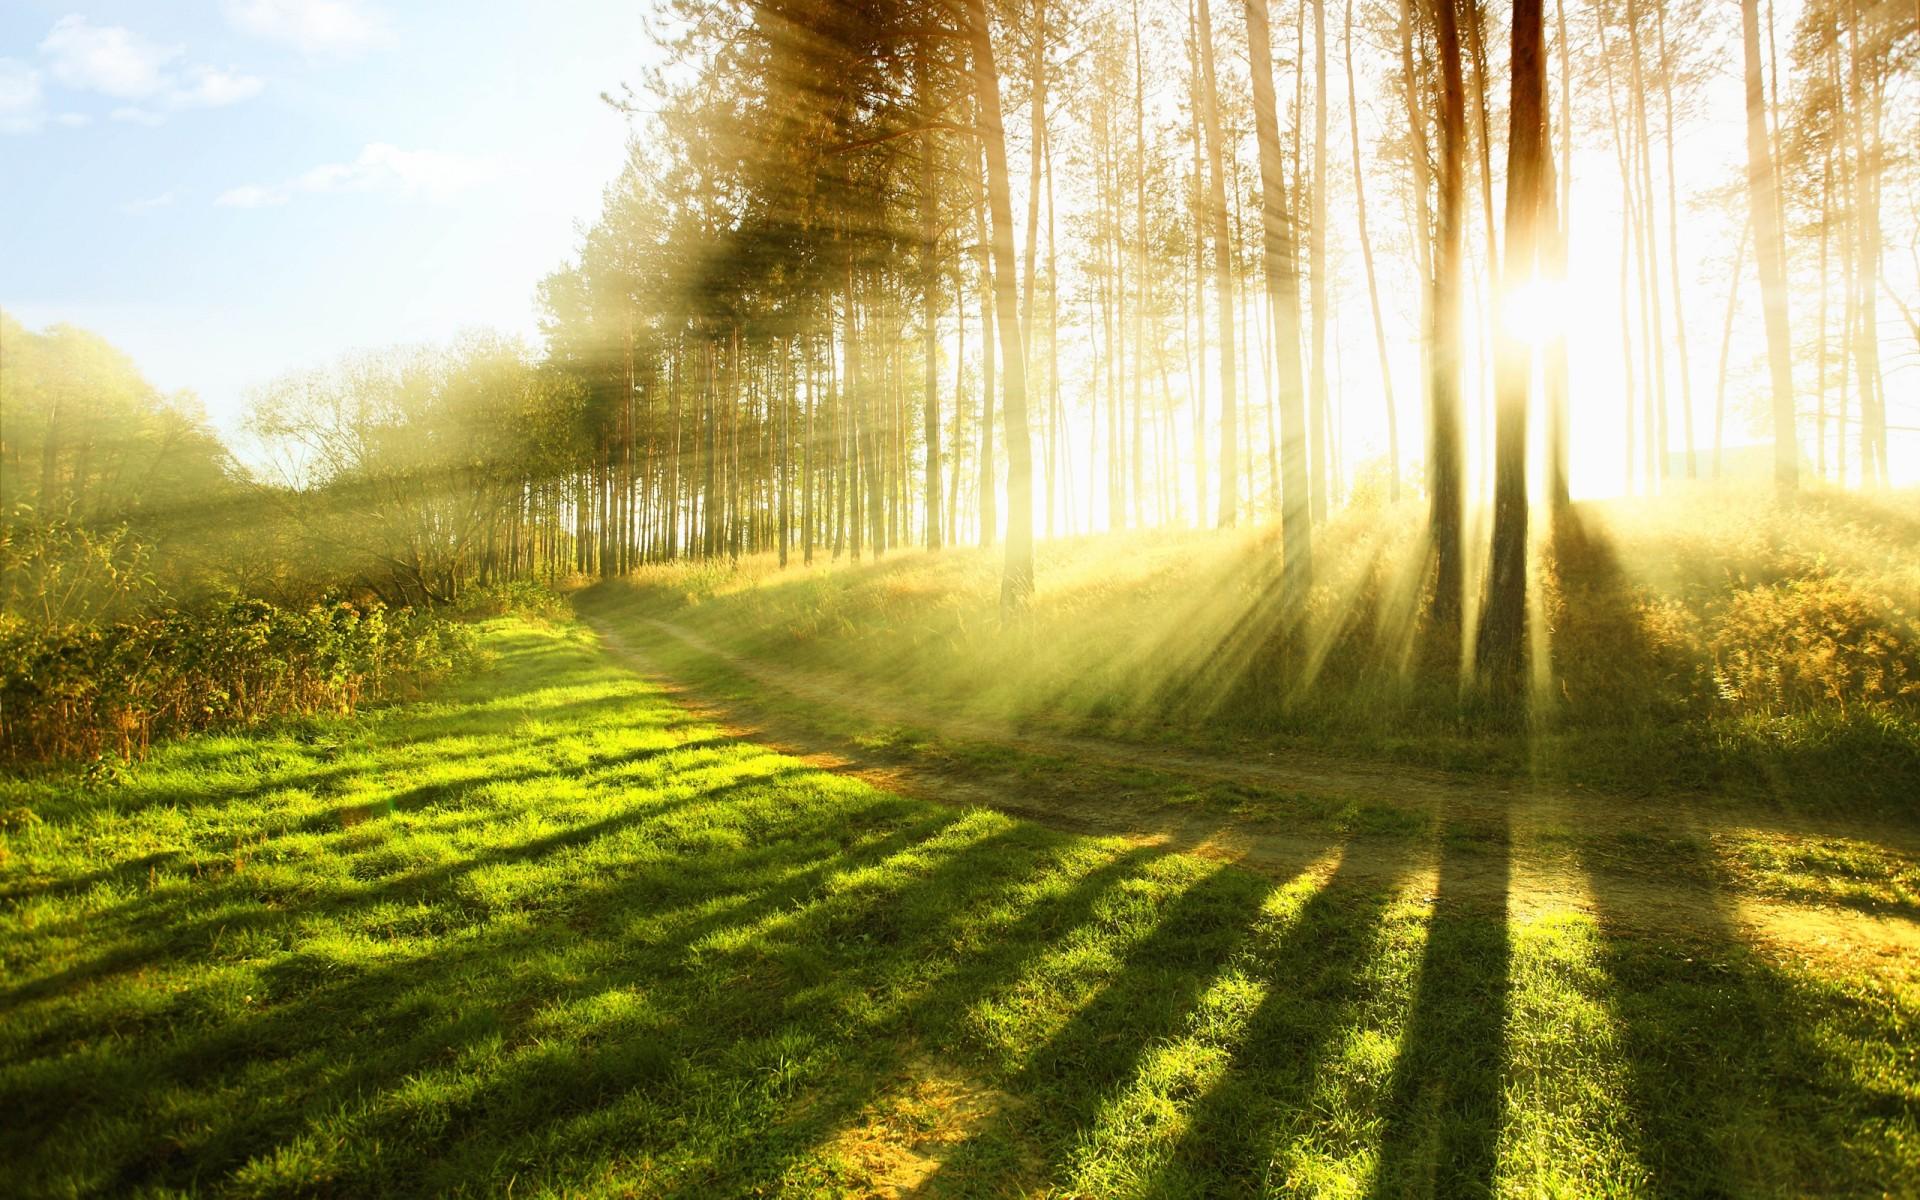 родня с добрым утром красивые картинки с природой фото лучшие праздничные, прикольные